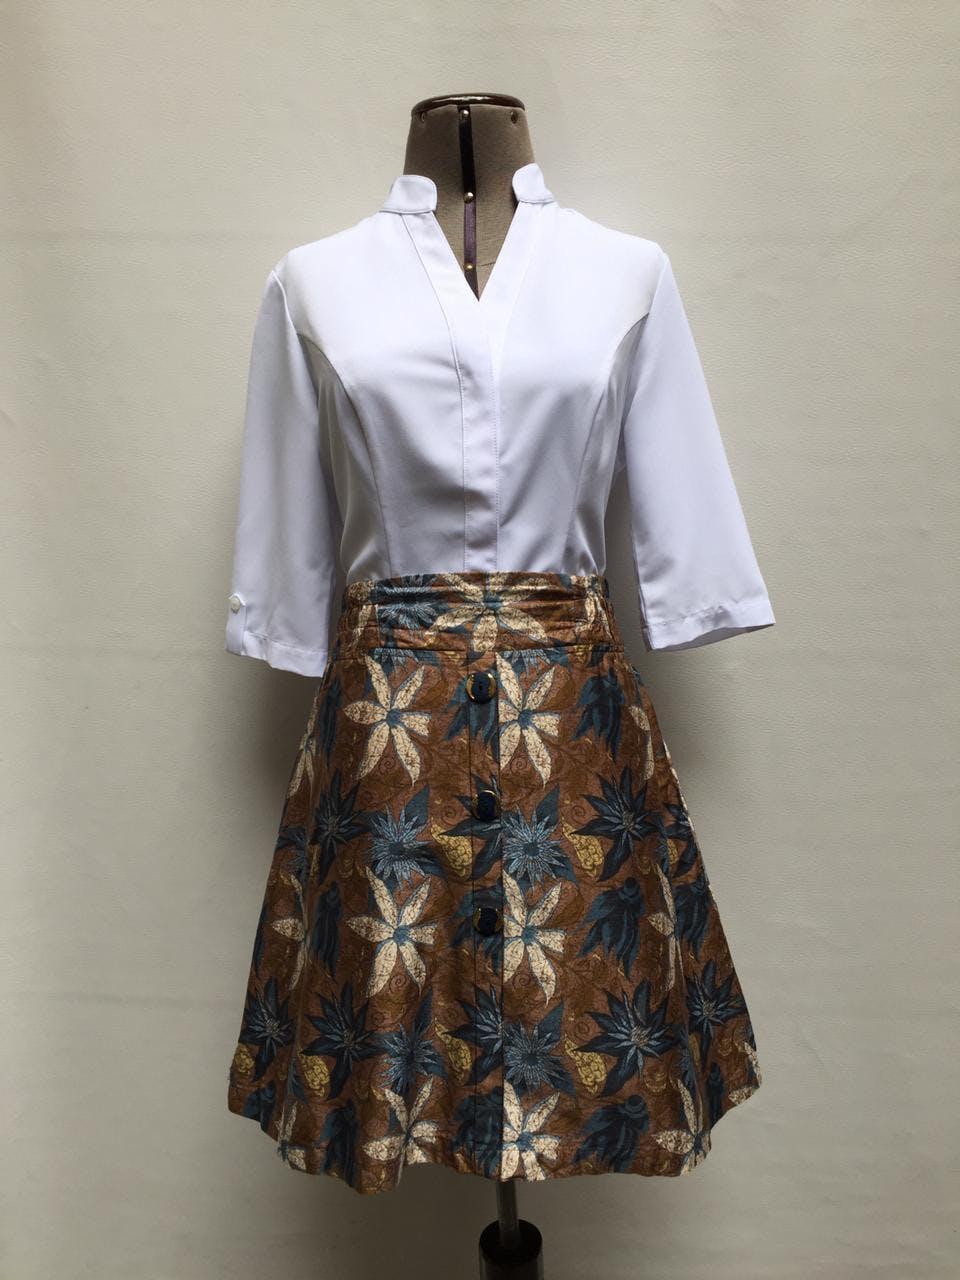 Blusa blanca de gasa gruesa, cuello nerú y escote en V, con fila de botones cubierta, manga 3/4, lleva pinzas. Arma lindo! Talla M